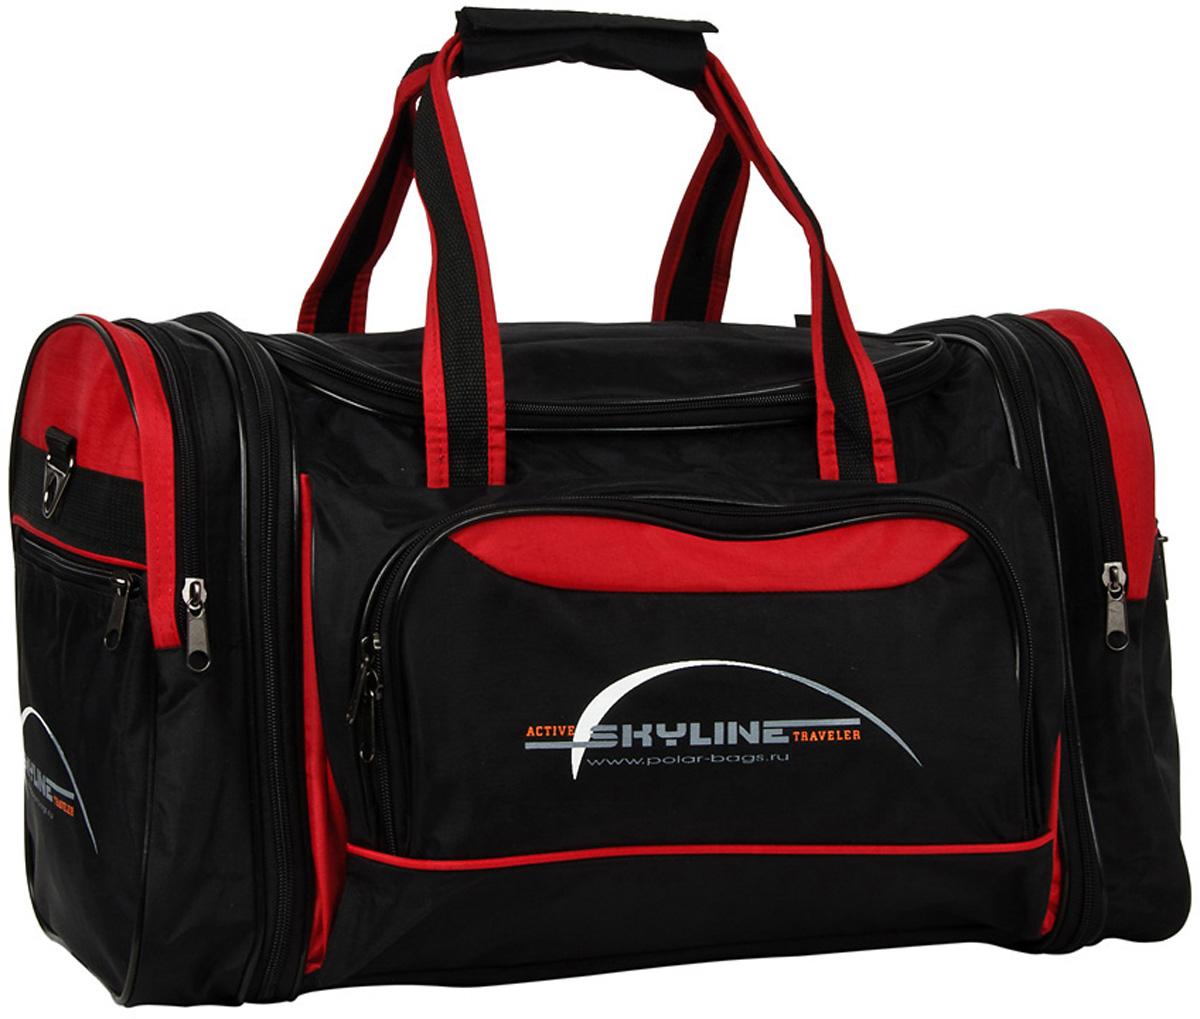 Сумка спортивная Polar Сириус, раздвижная, цвет: черный, красный, 38 л, 47 х 31 х 26 см. 60676067Материал – полиэстер с водоотталкивающей пропиткой. Вместительная спортивная сумка среднего размера. Одно отделение. Два боковых кармана и карман на передней части. В комплект входит съемный плечевой ремень. Расширение по бокам сумки на +5 см. Эта сумка идеально подойдет для спорта и отдыха. Спортивная сумка для ваших вещей.